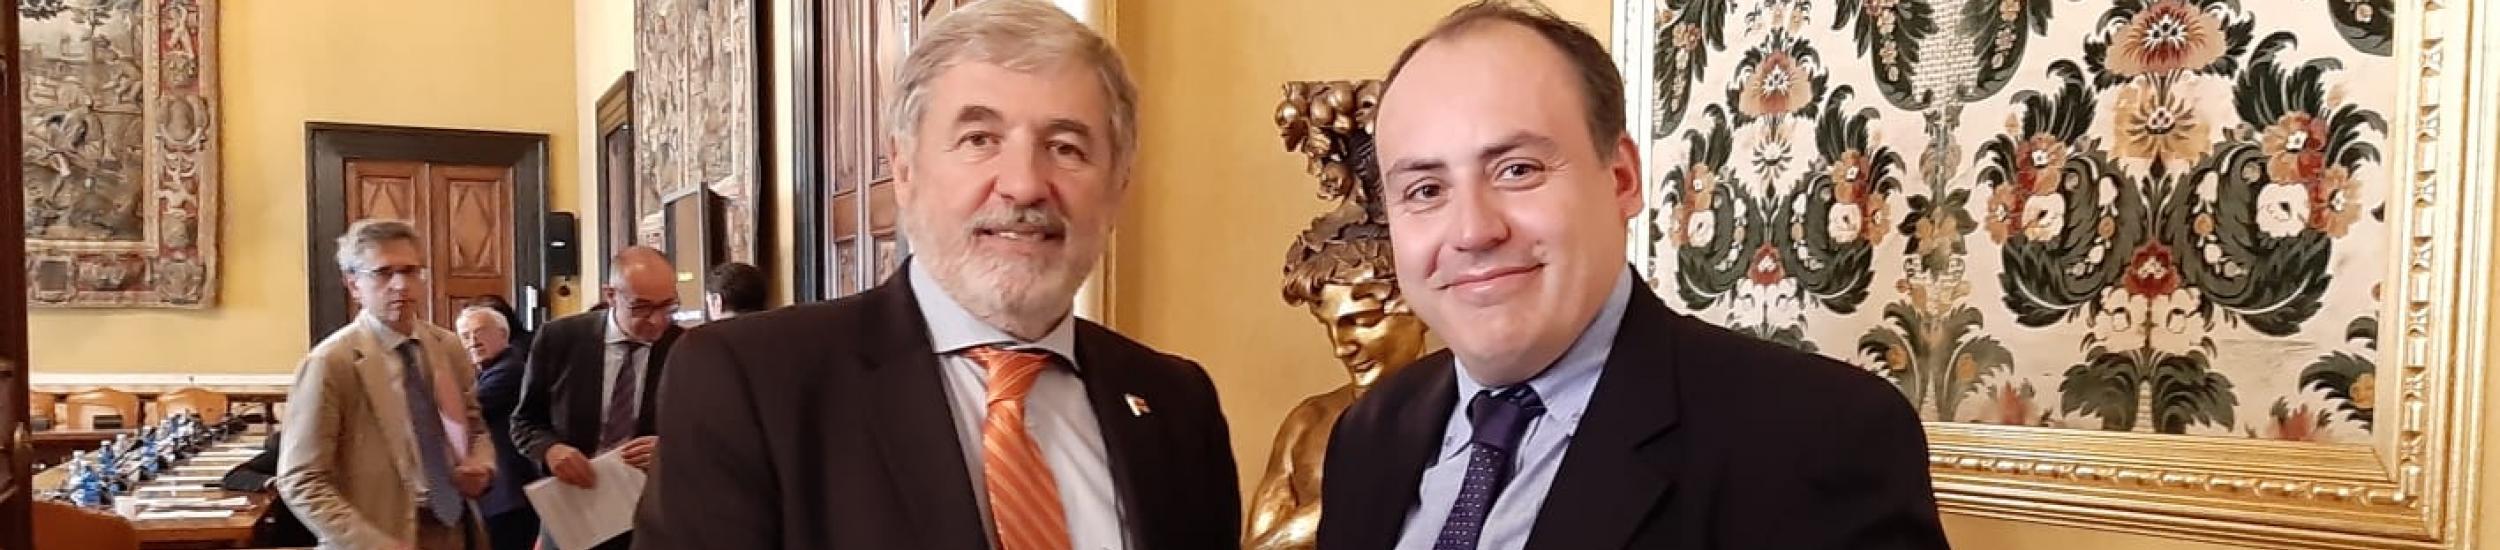 Il consigliere Marco Conti con il Sindaco Metropolitano Marco Bucci